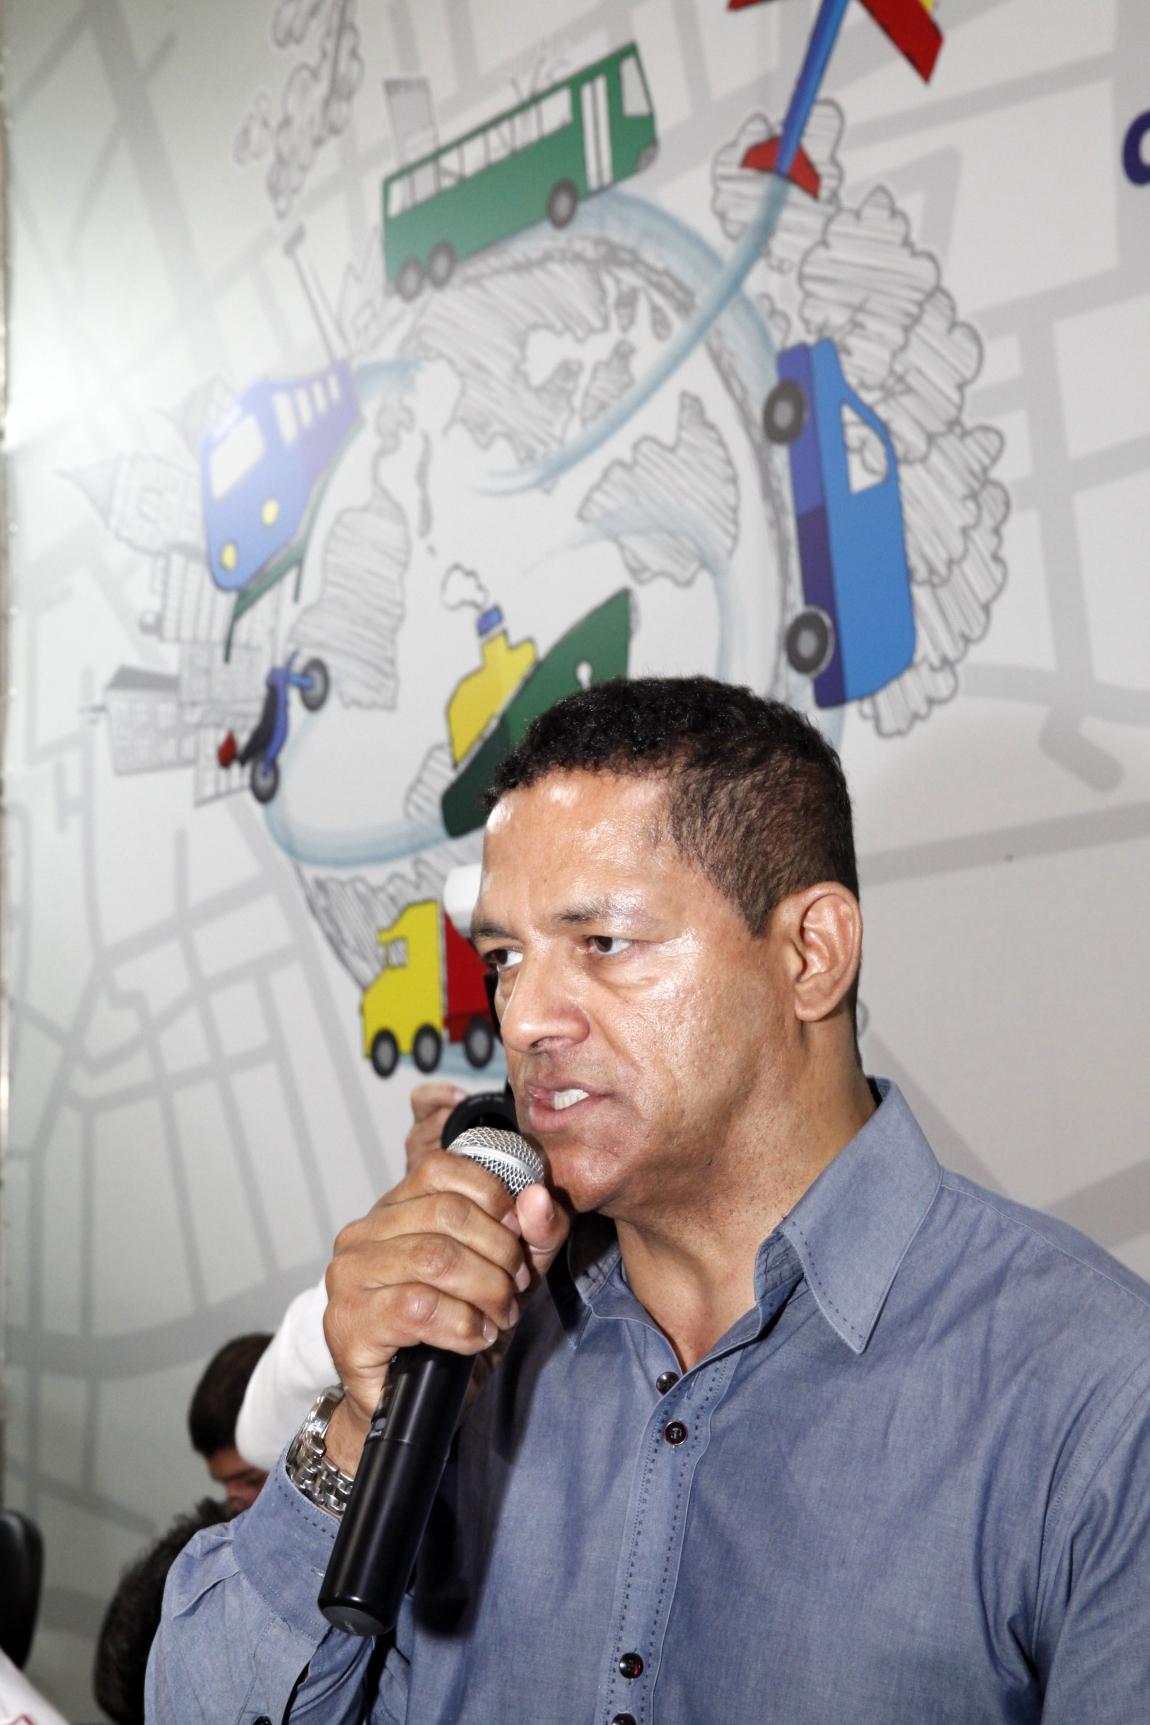 Imagem de Nota Oficial: CNTTL/CUT repudia grupo que defende divisão dos portuários e estivadores no país